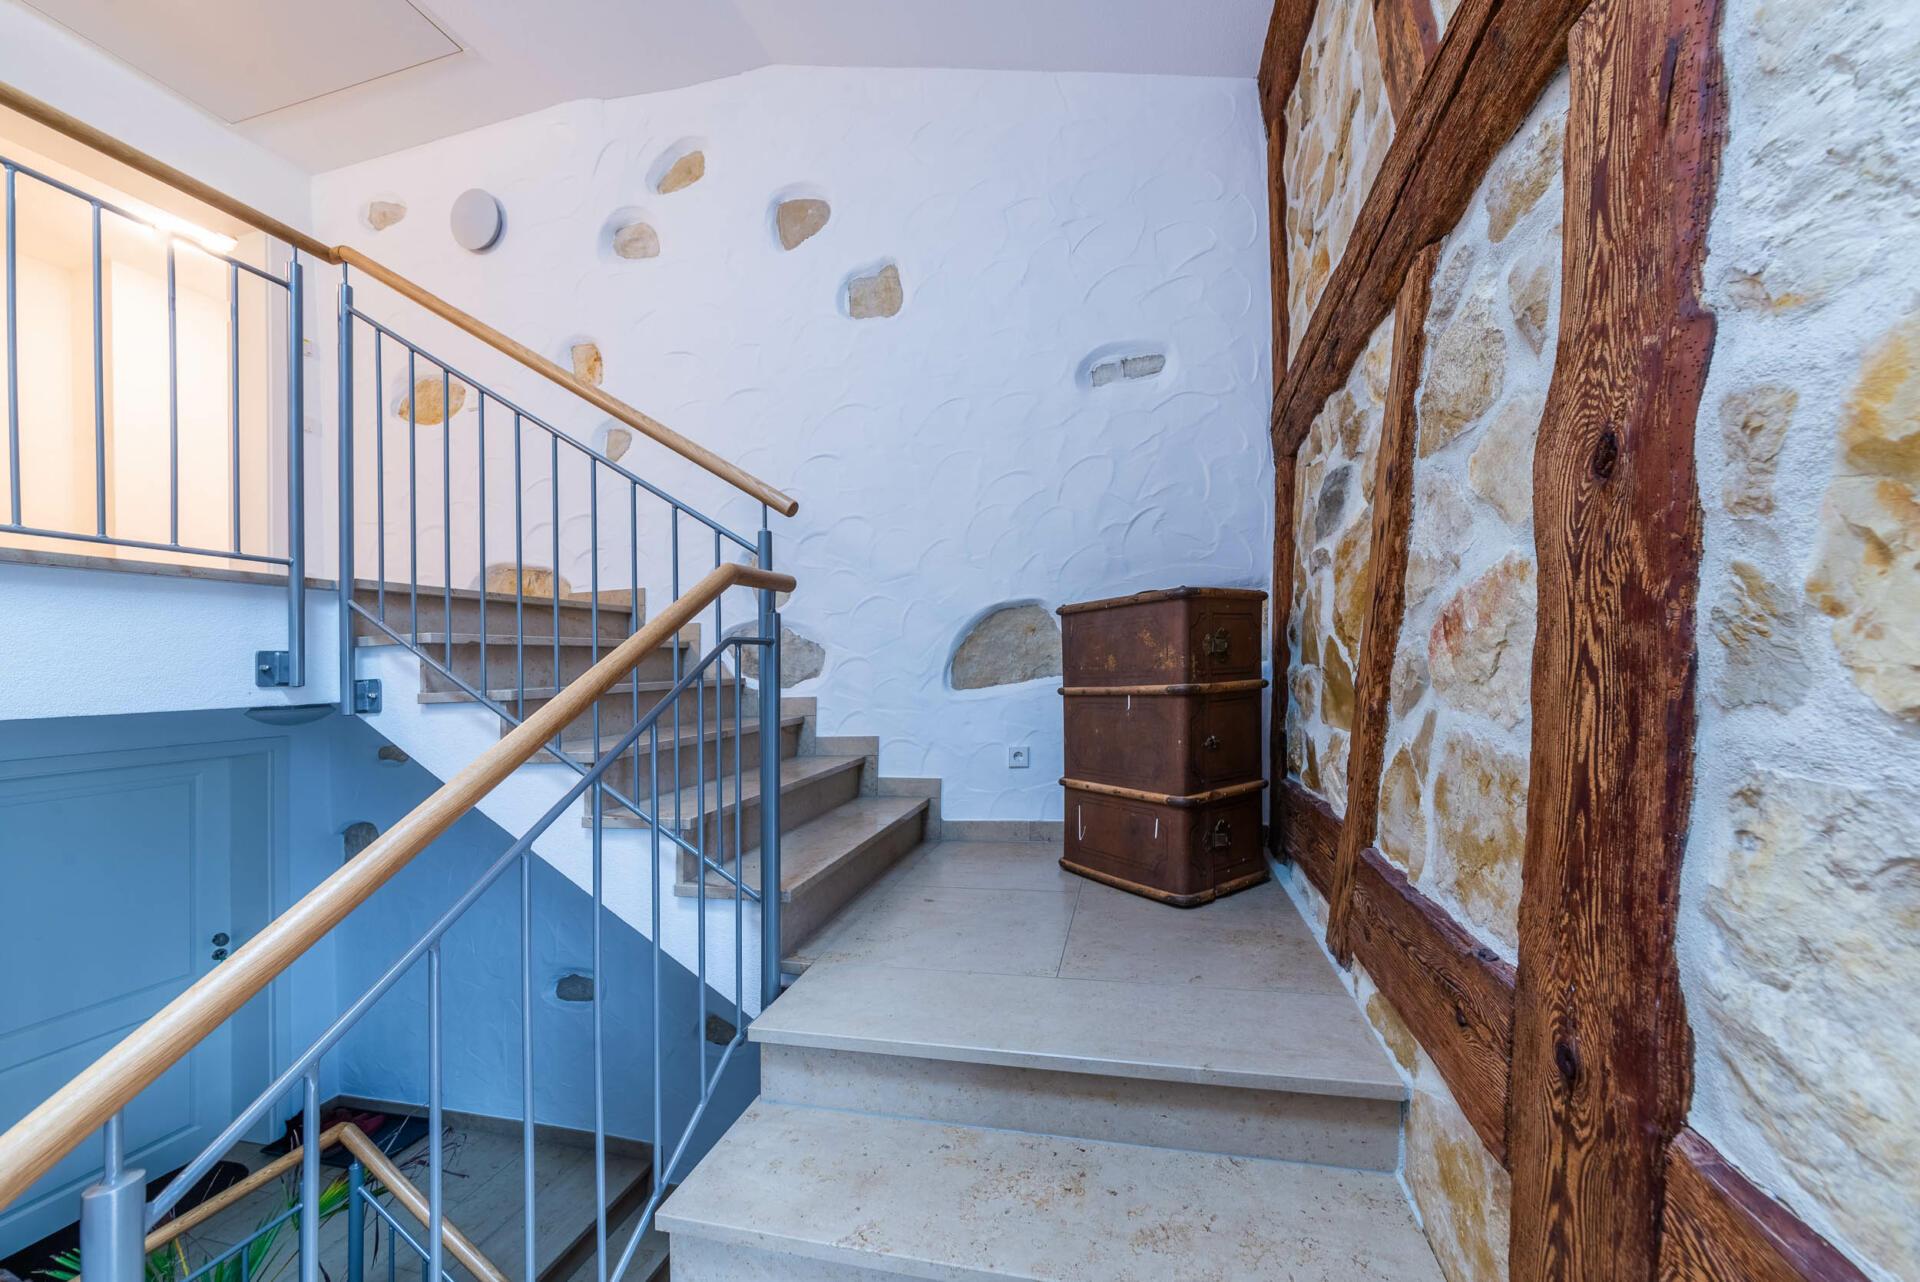 Ferienwohnung ReiseLUST: Treppenhaus